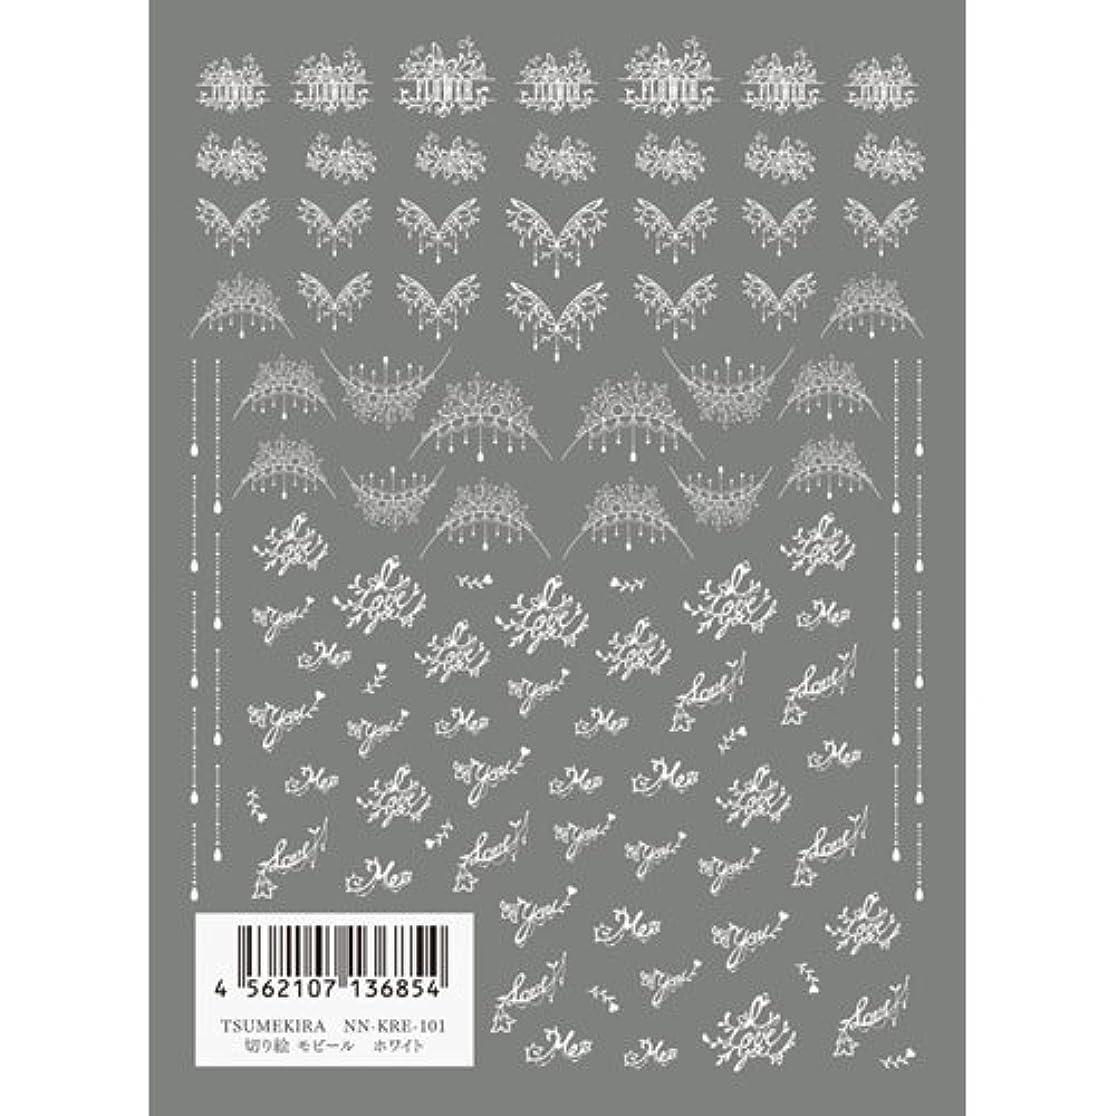 毒性暗い補充ツメキラ(TSUMEKIRA) ネイル用シール 切り絵 モビール ホワイト NN-KRE-101